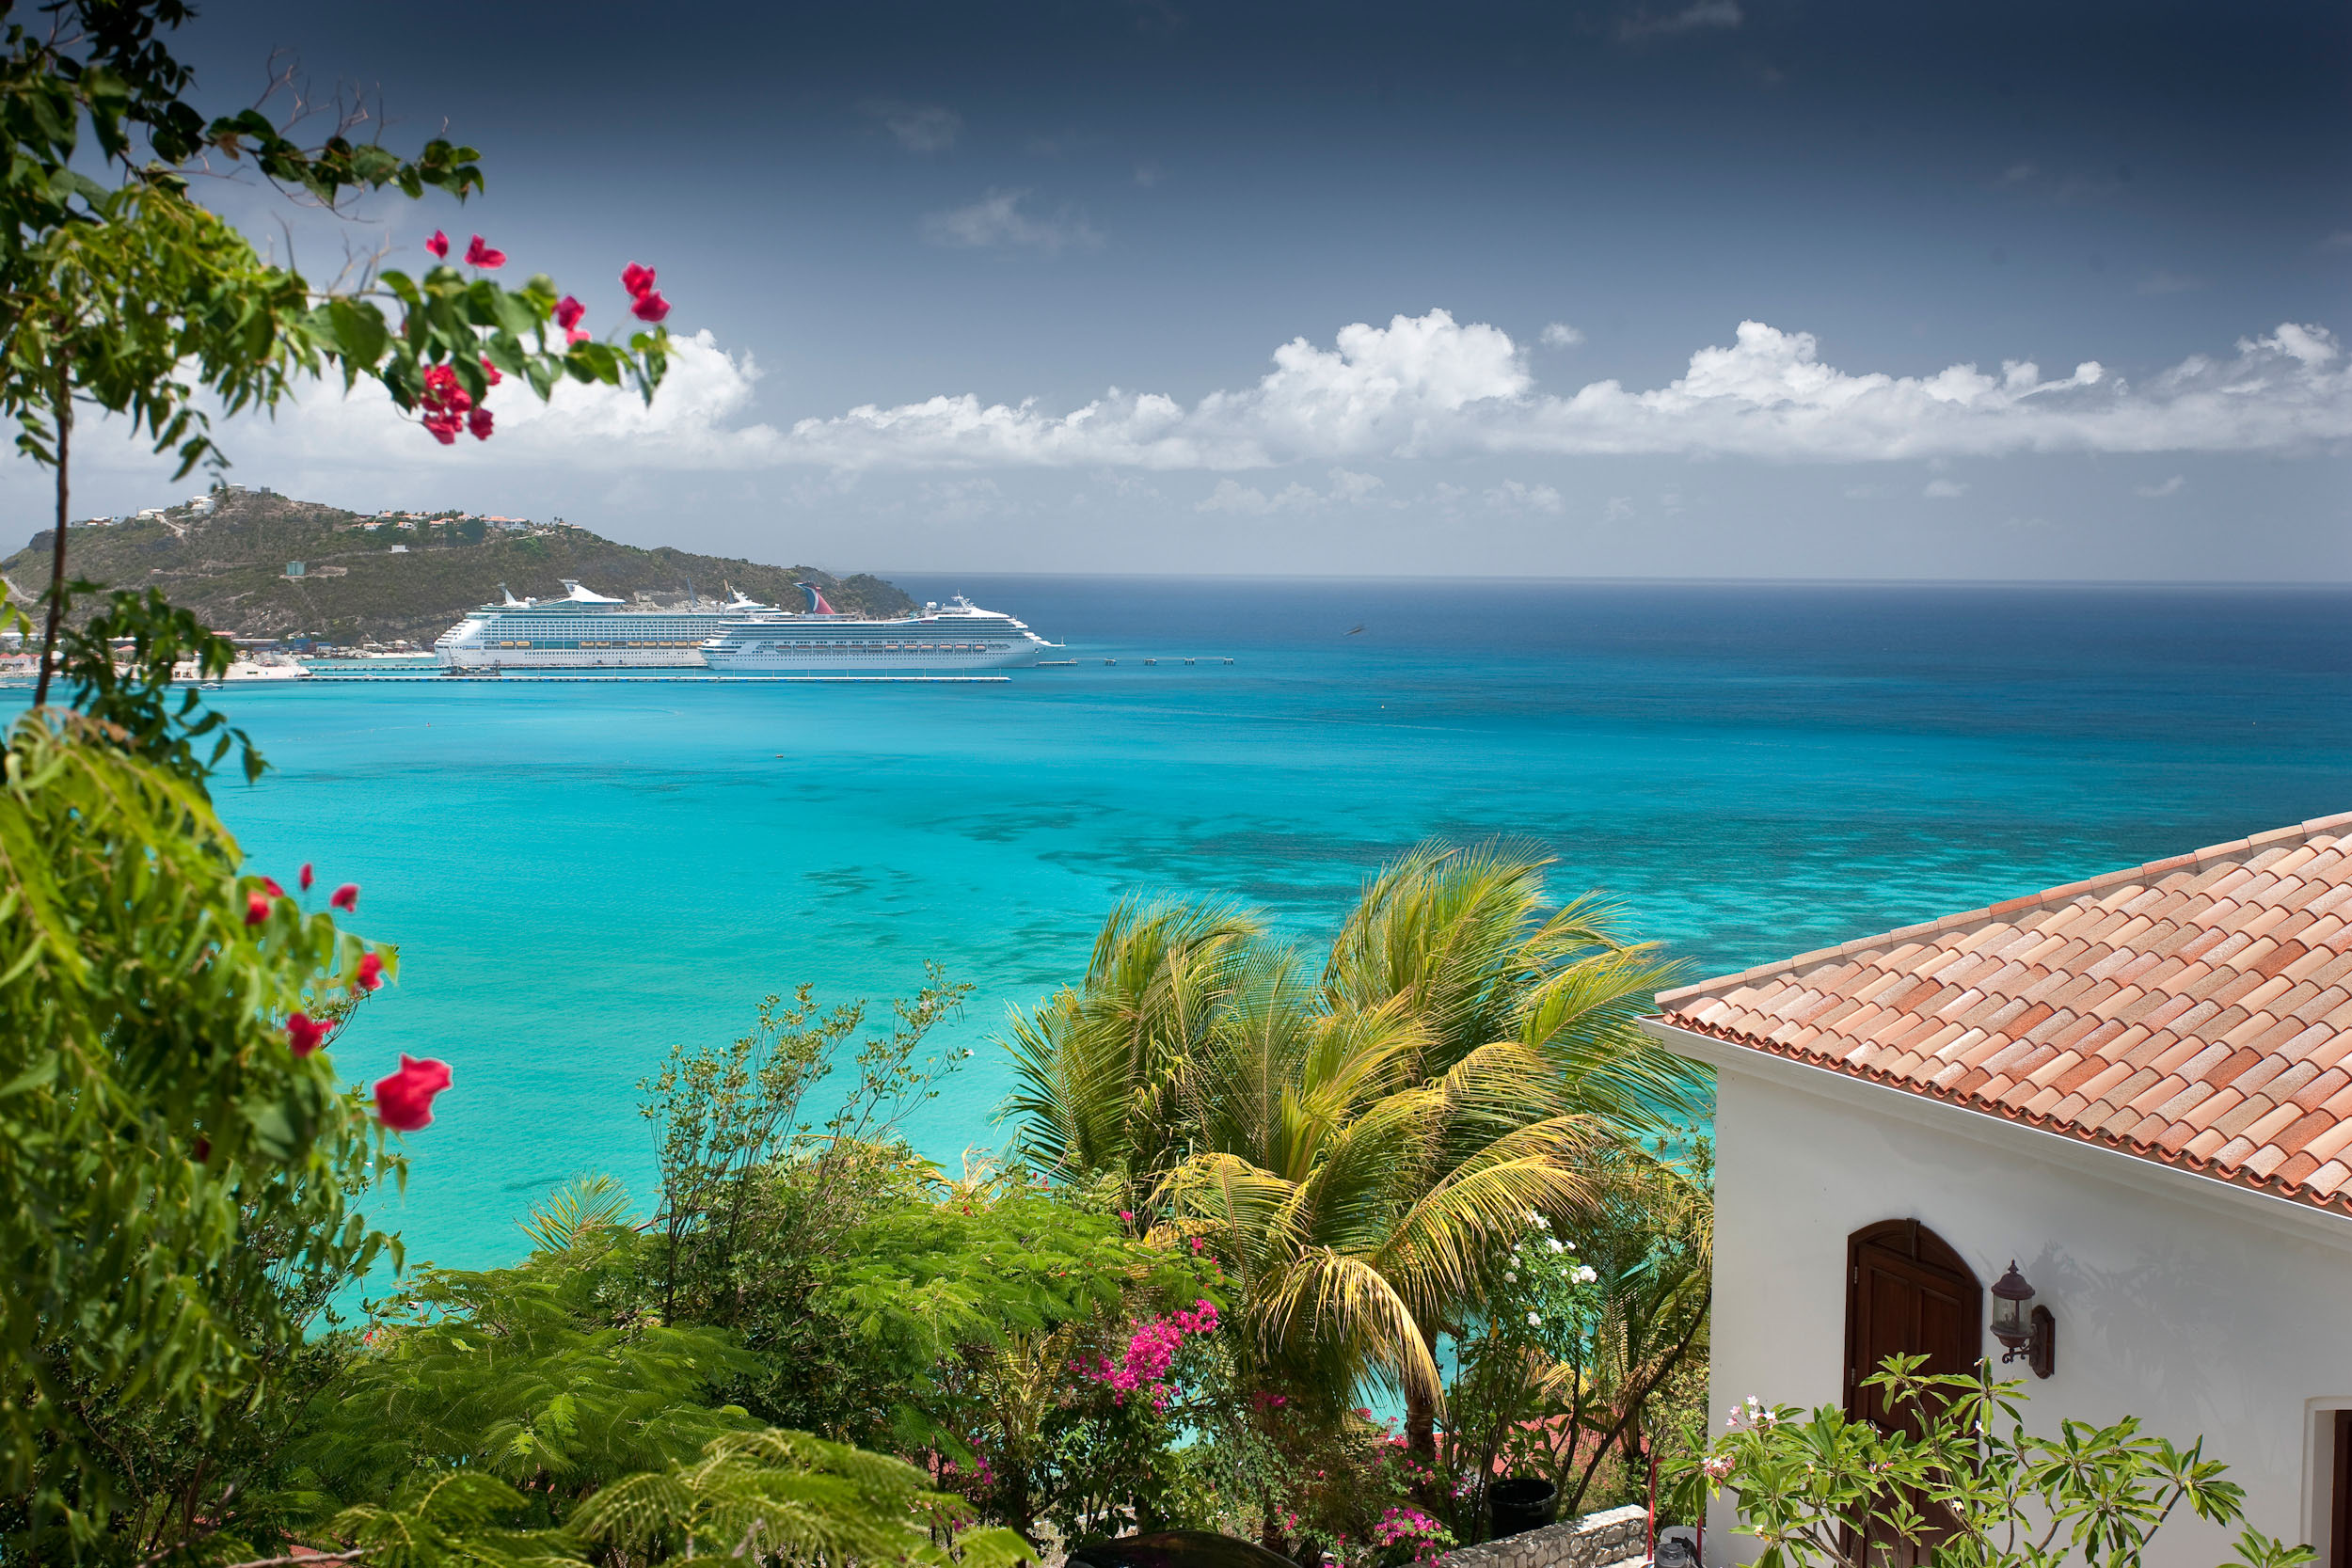 Las hoteleras españolas se lanzan a crecer en el Caribe